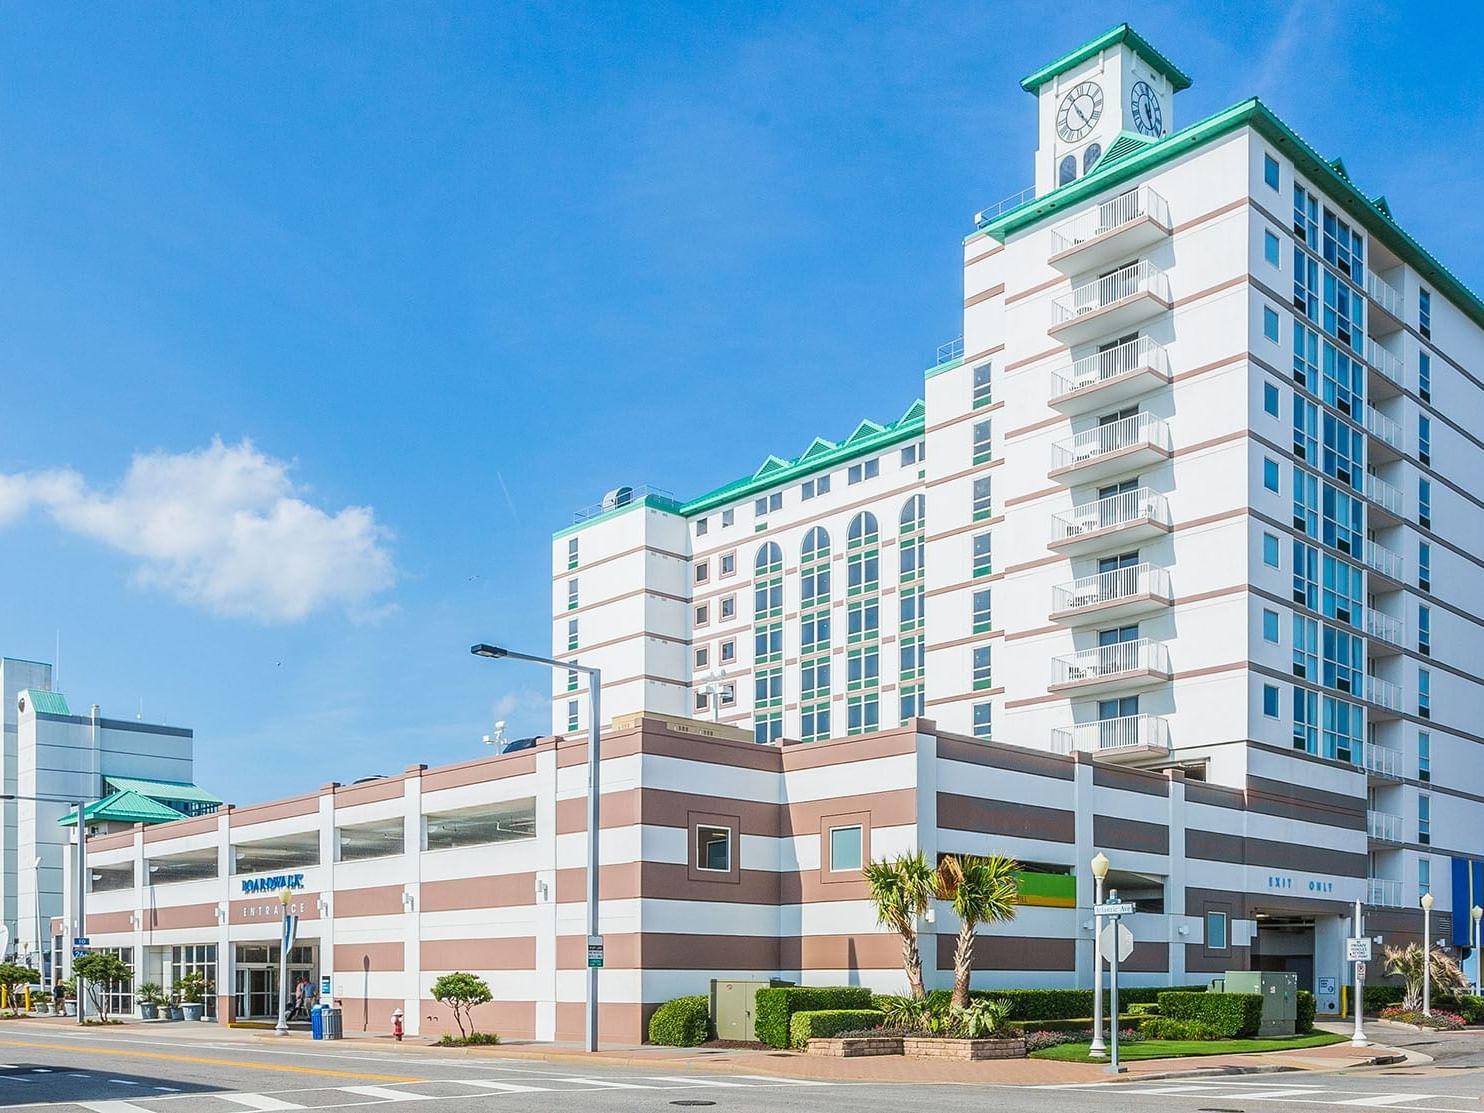 Boardwalk Resort and Villas at Diamond Resorts Virginia Beach